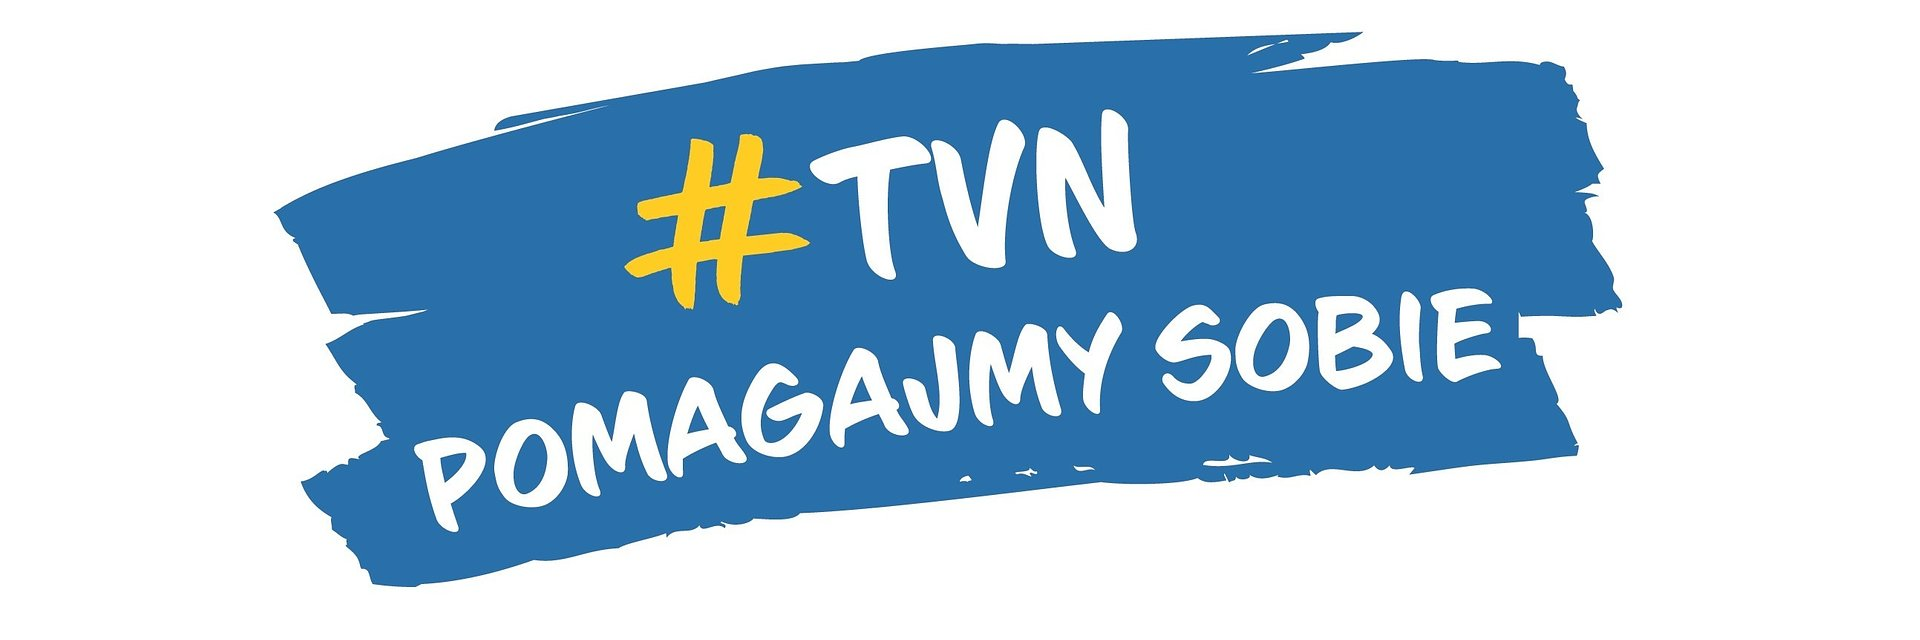 #TVN POMAGAJMY SOBIE – już jutro oglądaj charytatywny blok reklamowy w TVN i pomagaj z nami!